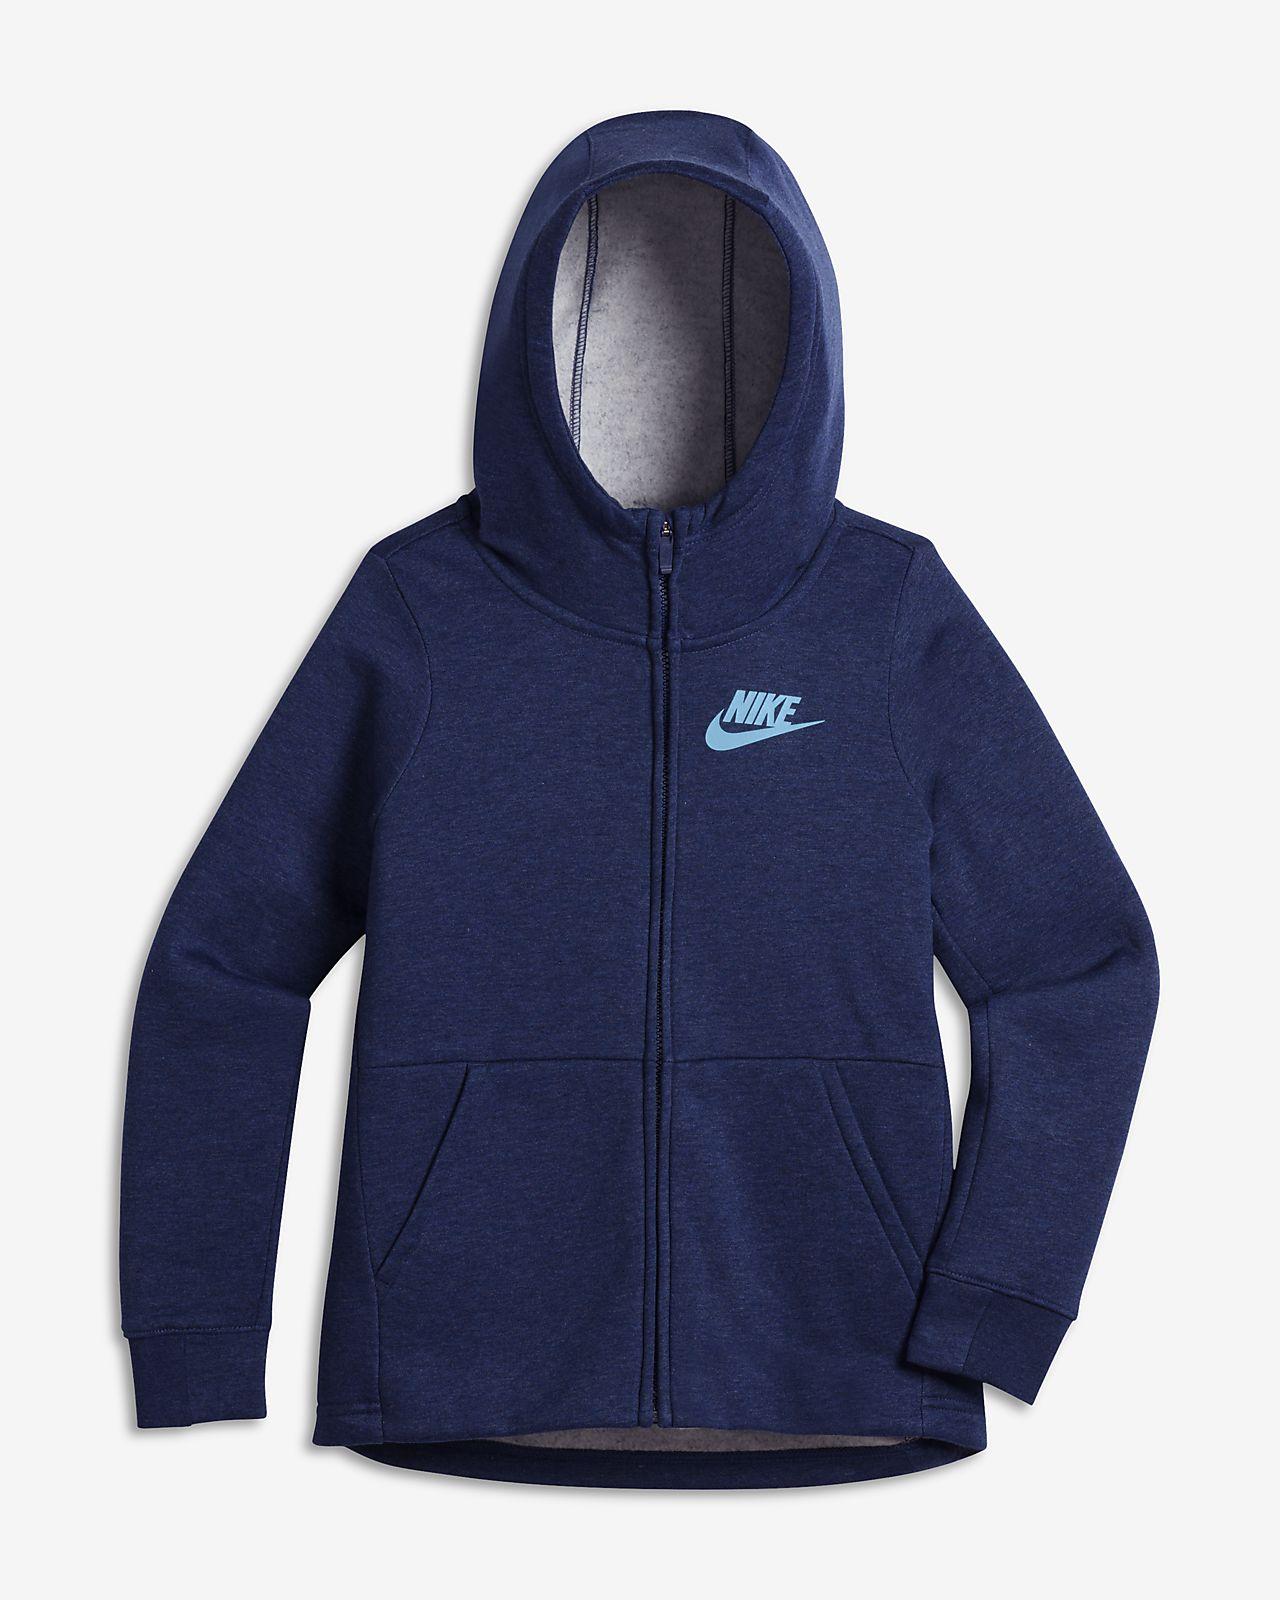 100% authentic a1957 fee6a ... new style nike sportswear hoodie für ältere kinder mädchen mit  durchgehendem reißverschluss 33ff9 53278